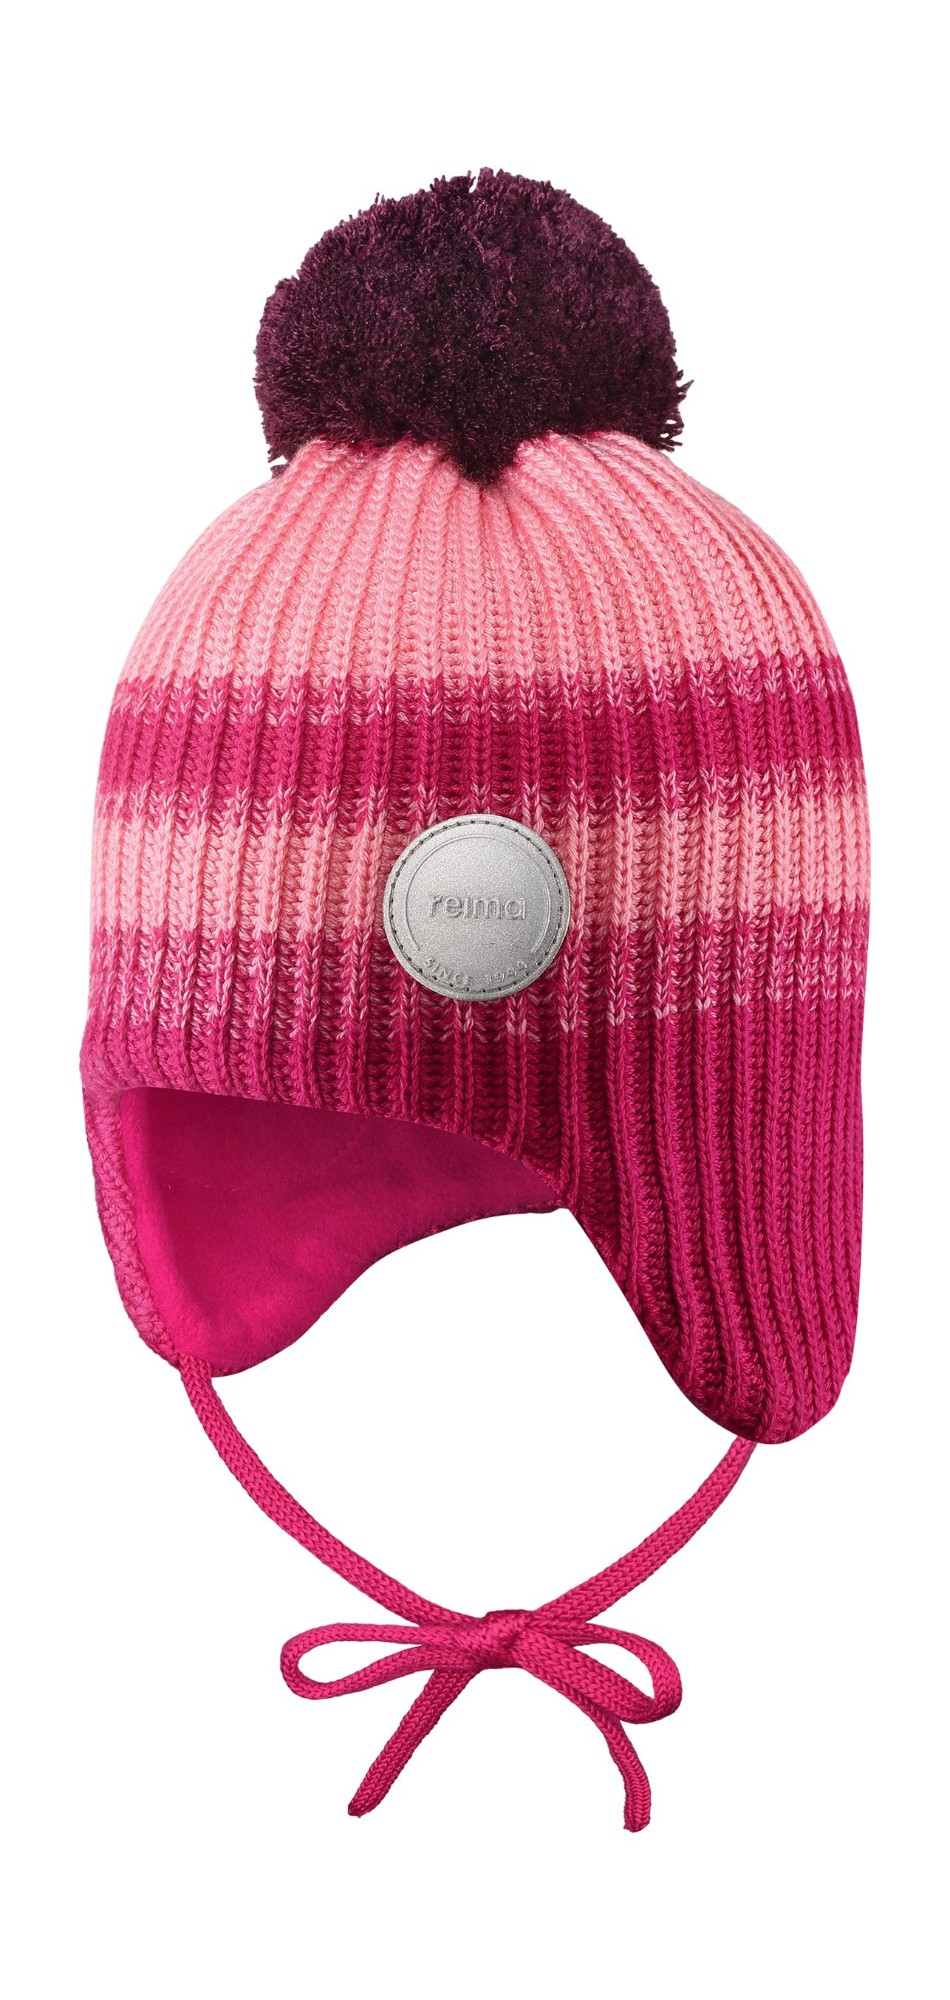 REIMA Hiberna Raspberry Pink 46